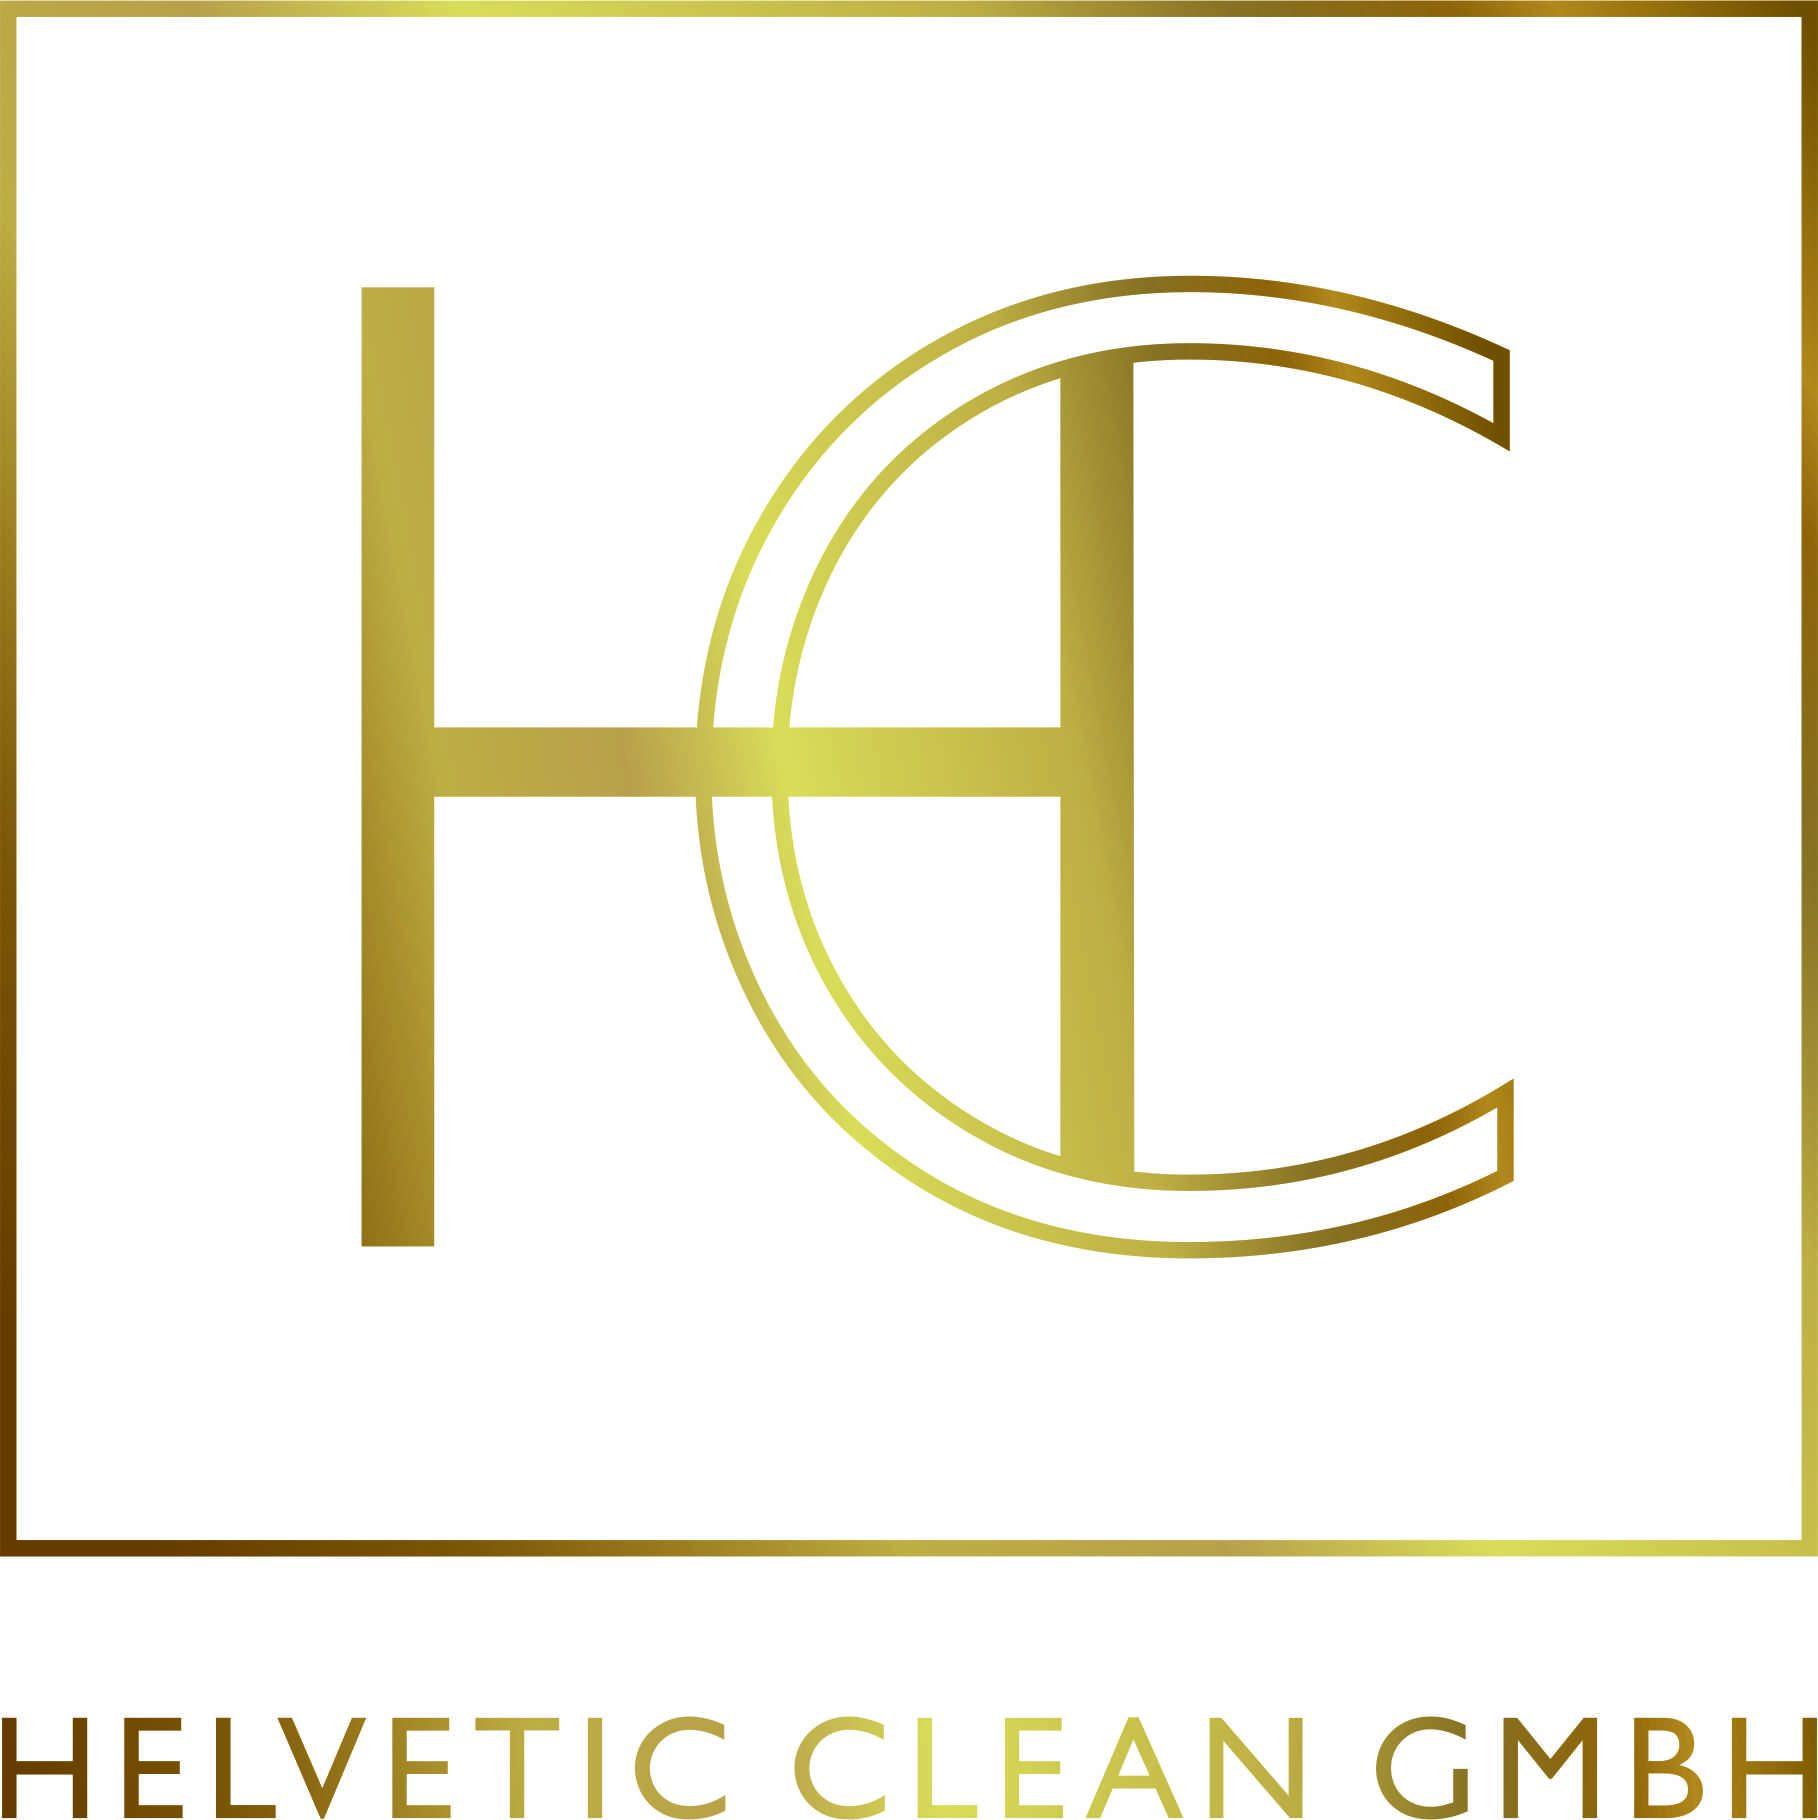 Helvetic Clean GmbH